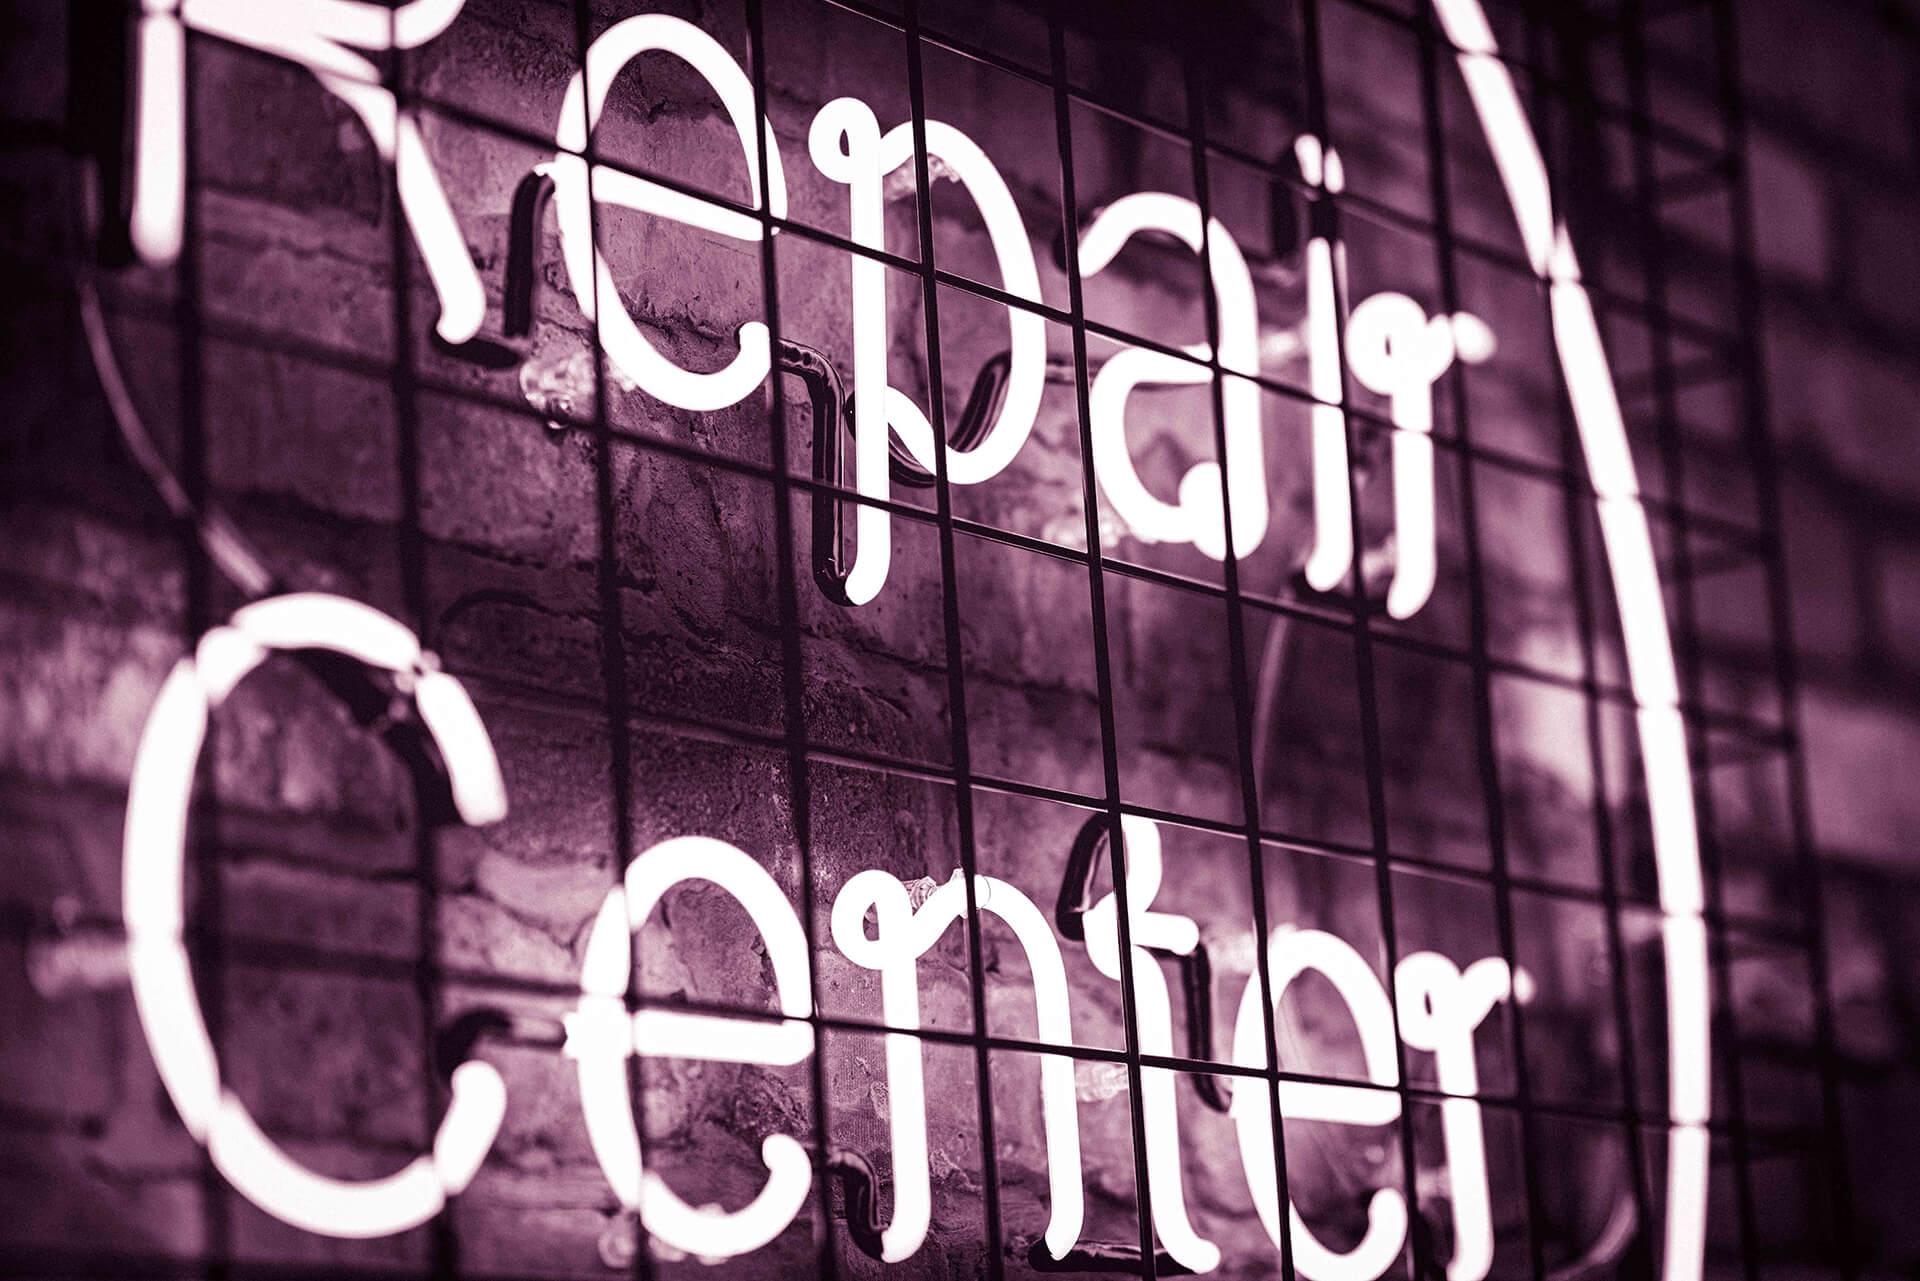 Repair Center sign.